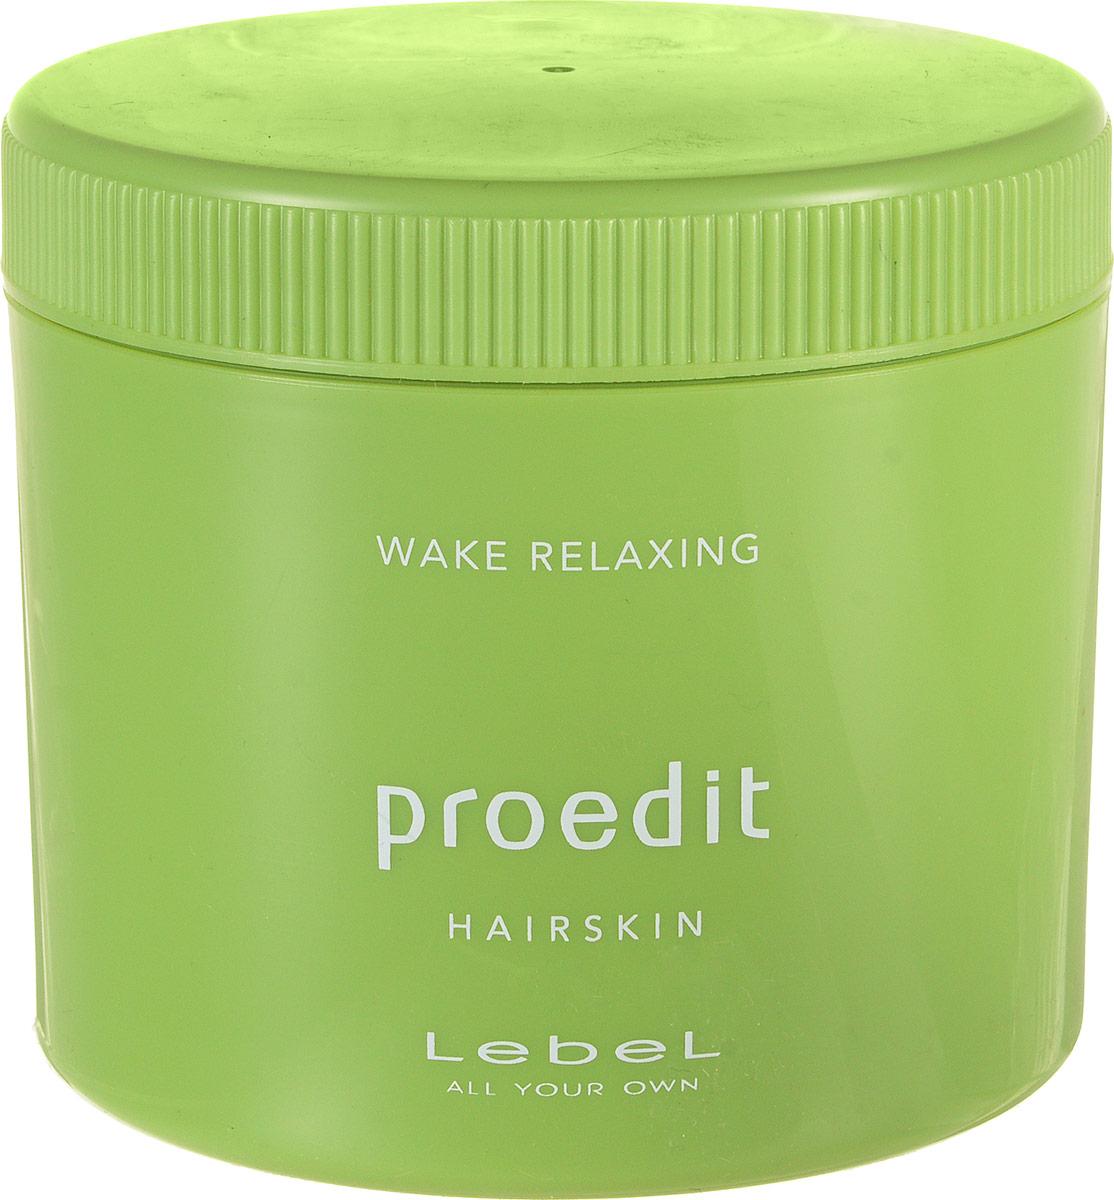 Lebel Proedit Крем для волос Пробуждение Hairskin Wake Relaxing 360 г3785лпКрем для волос «Пробуждение» Lebel Proedit Hairskin:Стимулирует рост волос.Снимает мышечное напряжение кожи головы. Придаёт волосам эластичность, гладкость, блеск. Делает волосы послушными, податливыми укладке.Идеален для жёстких и сухих волос. SPF 10.